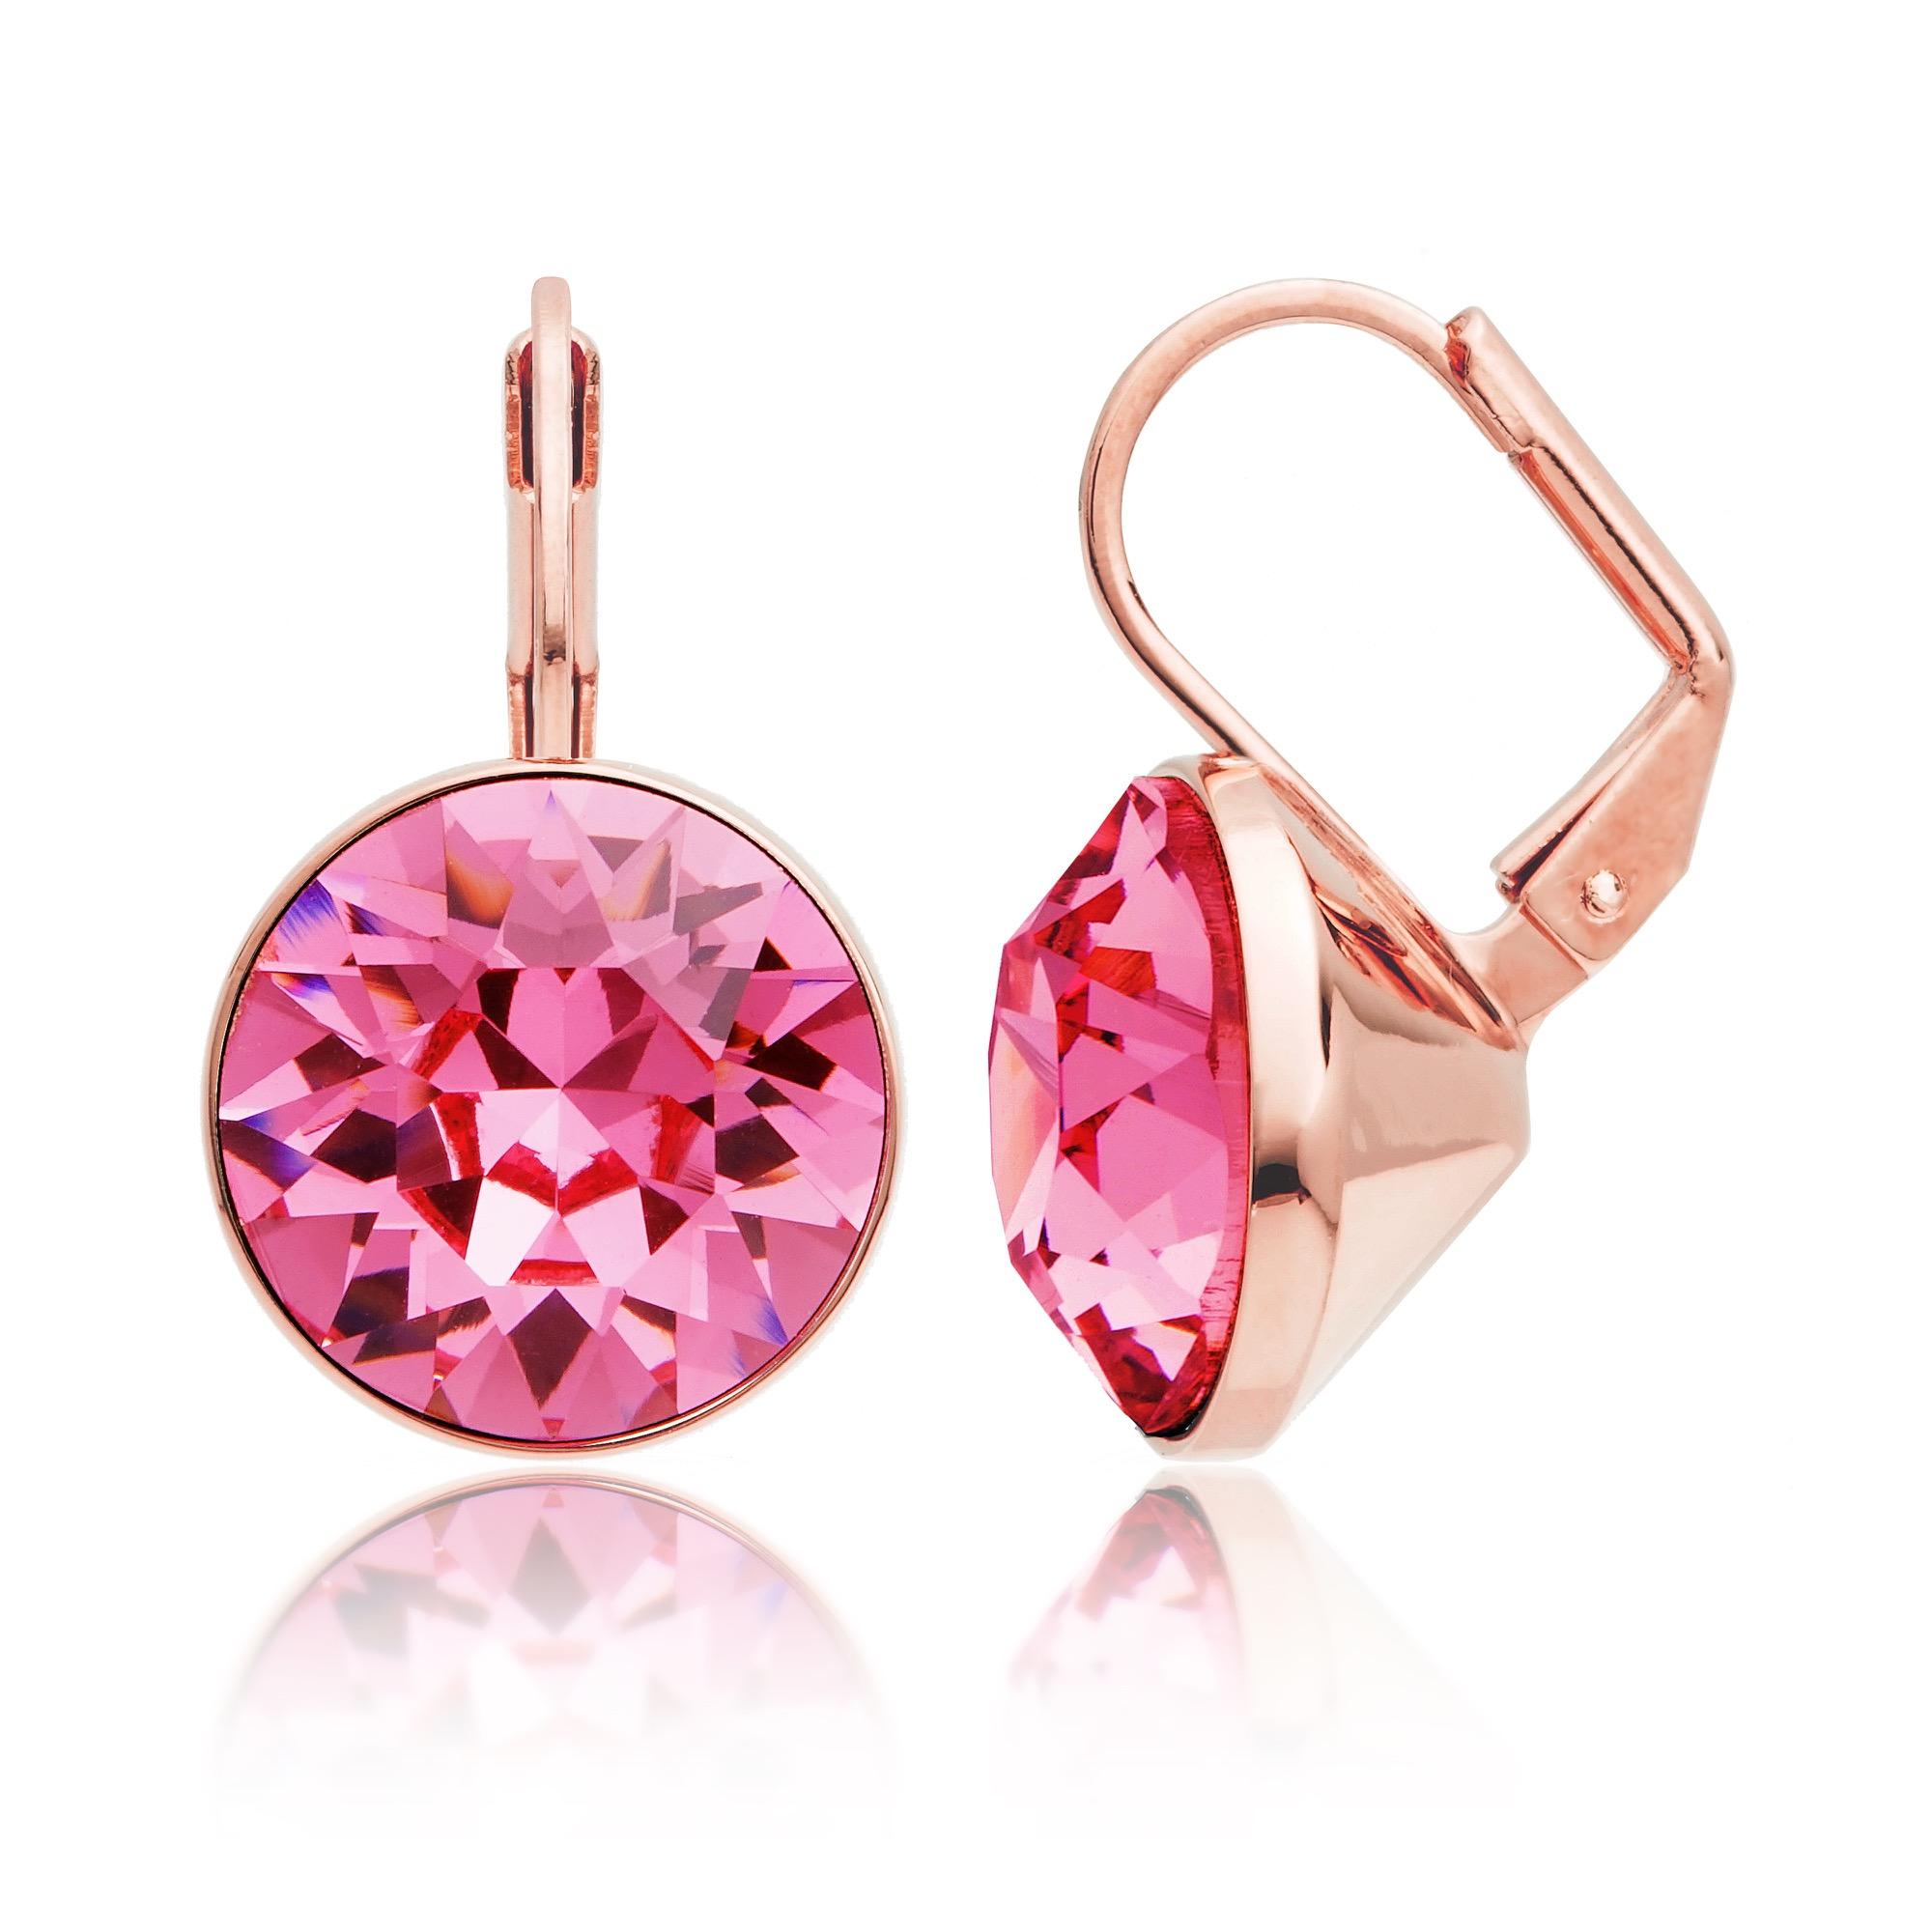 Bella Drop Earrings with Rose Swarovski Crystals Bridal Wedding RGP ...